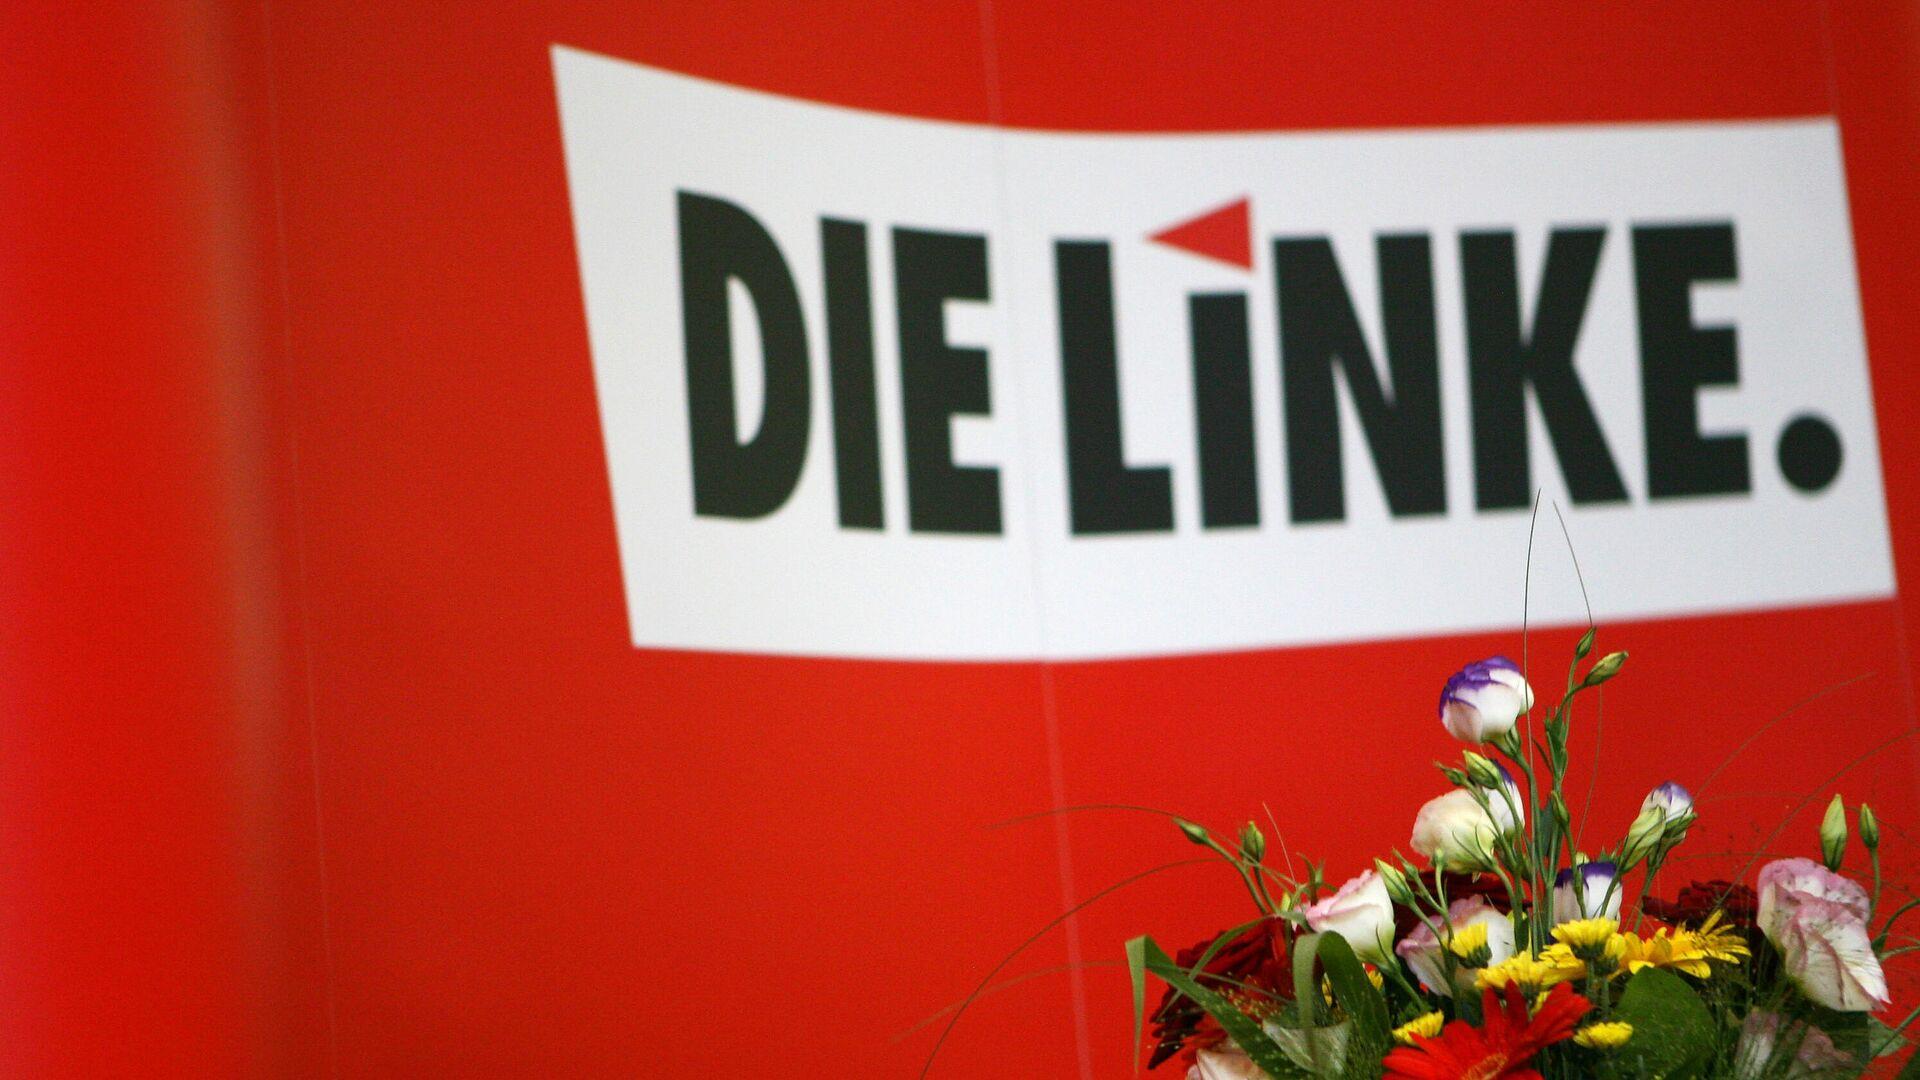 Die Linke - SNA, 1920, 12.10.2021